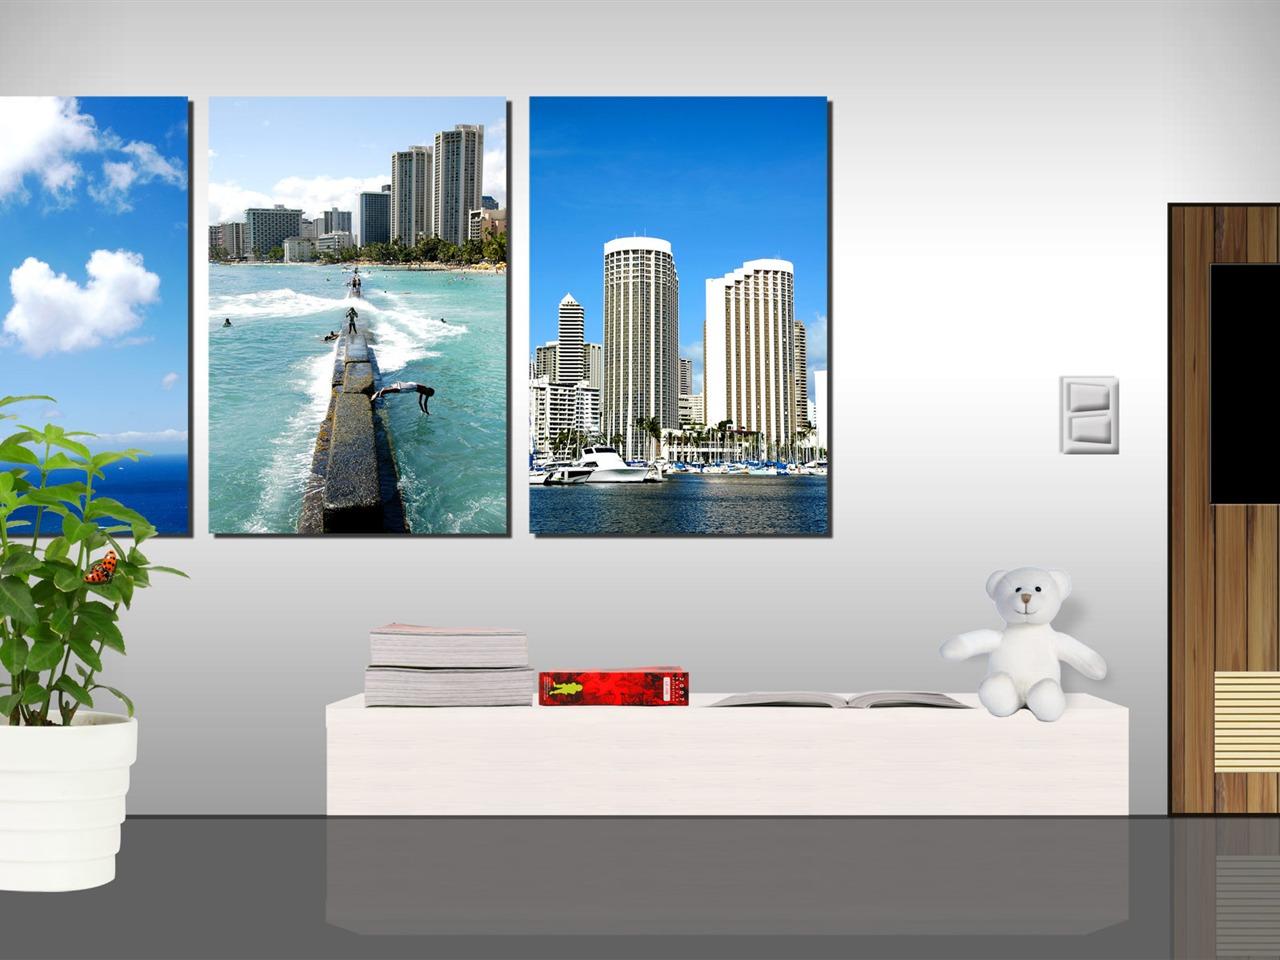 Art Et De Design D 39 Int Rieur Design Cr Atif D Coration Murale 802 1280x960 Fond D 39 Cran